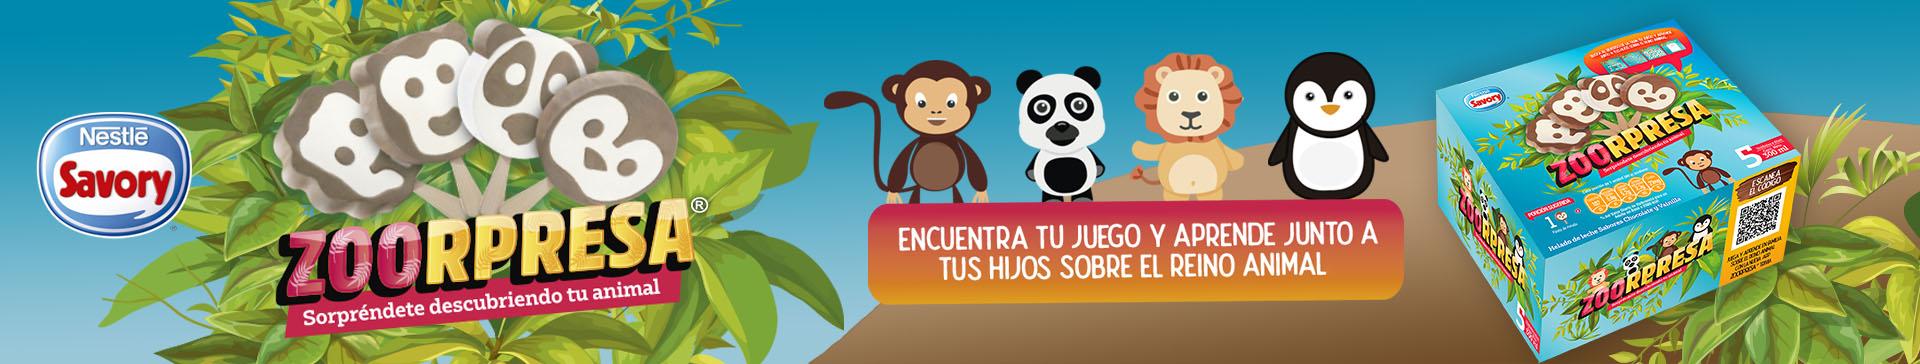 https://www.jumbo.cl/helado-zoorpresa-chocolate-vainilla-5-un-60-ml-c-u/p?nombre_promo=helados-zoorpresa-chocolate-vainilla-25112020